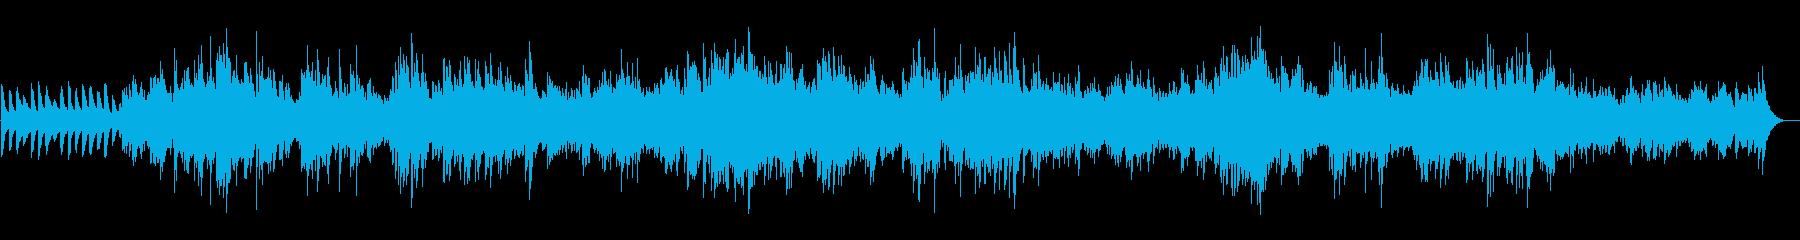 サウンドスケープをリラックスさせる...の再生済みの波形